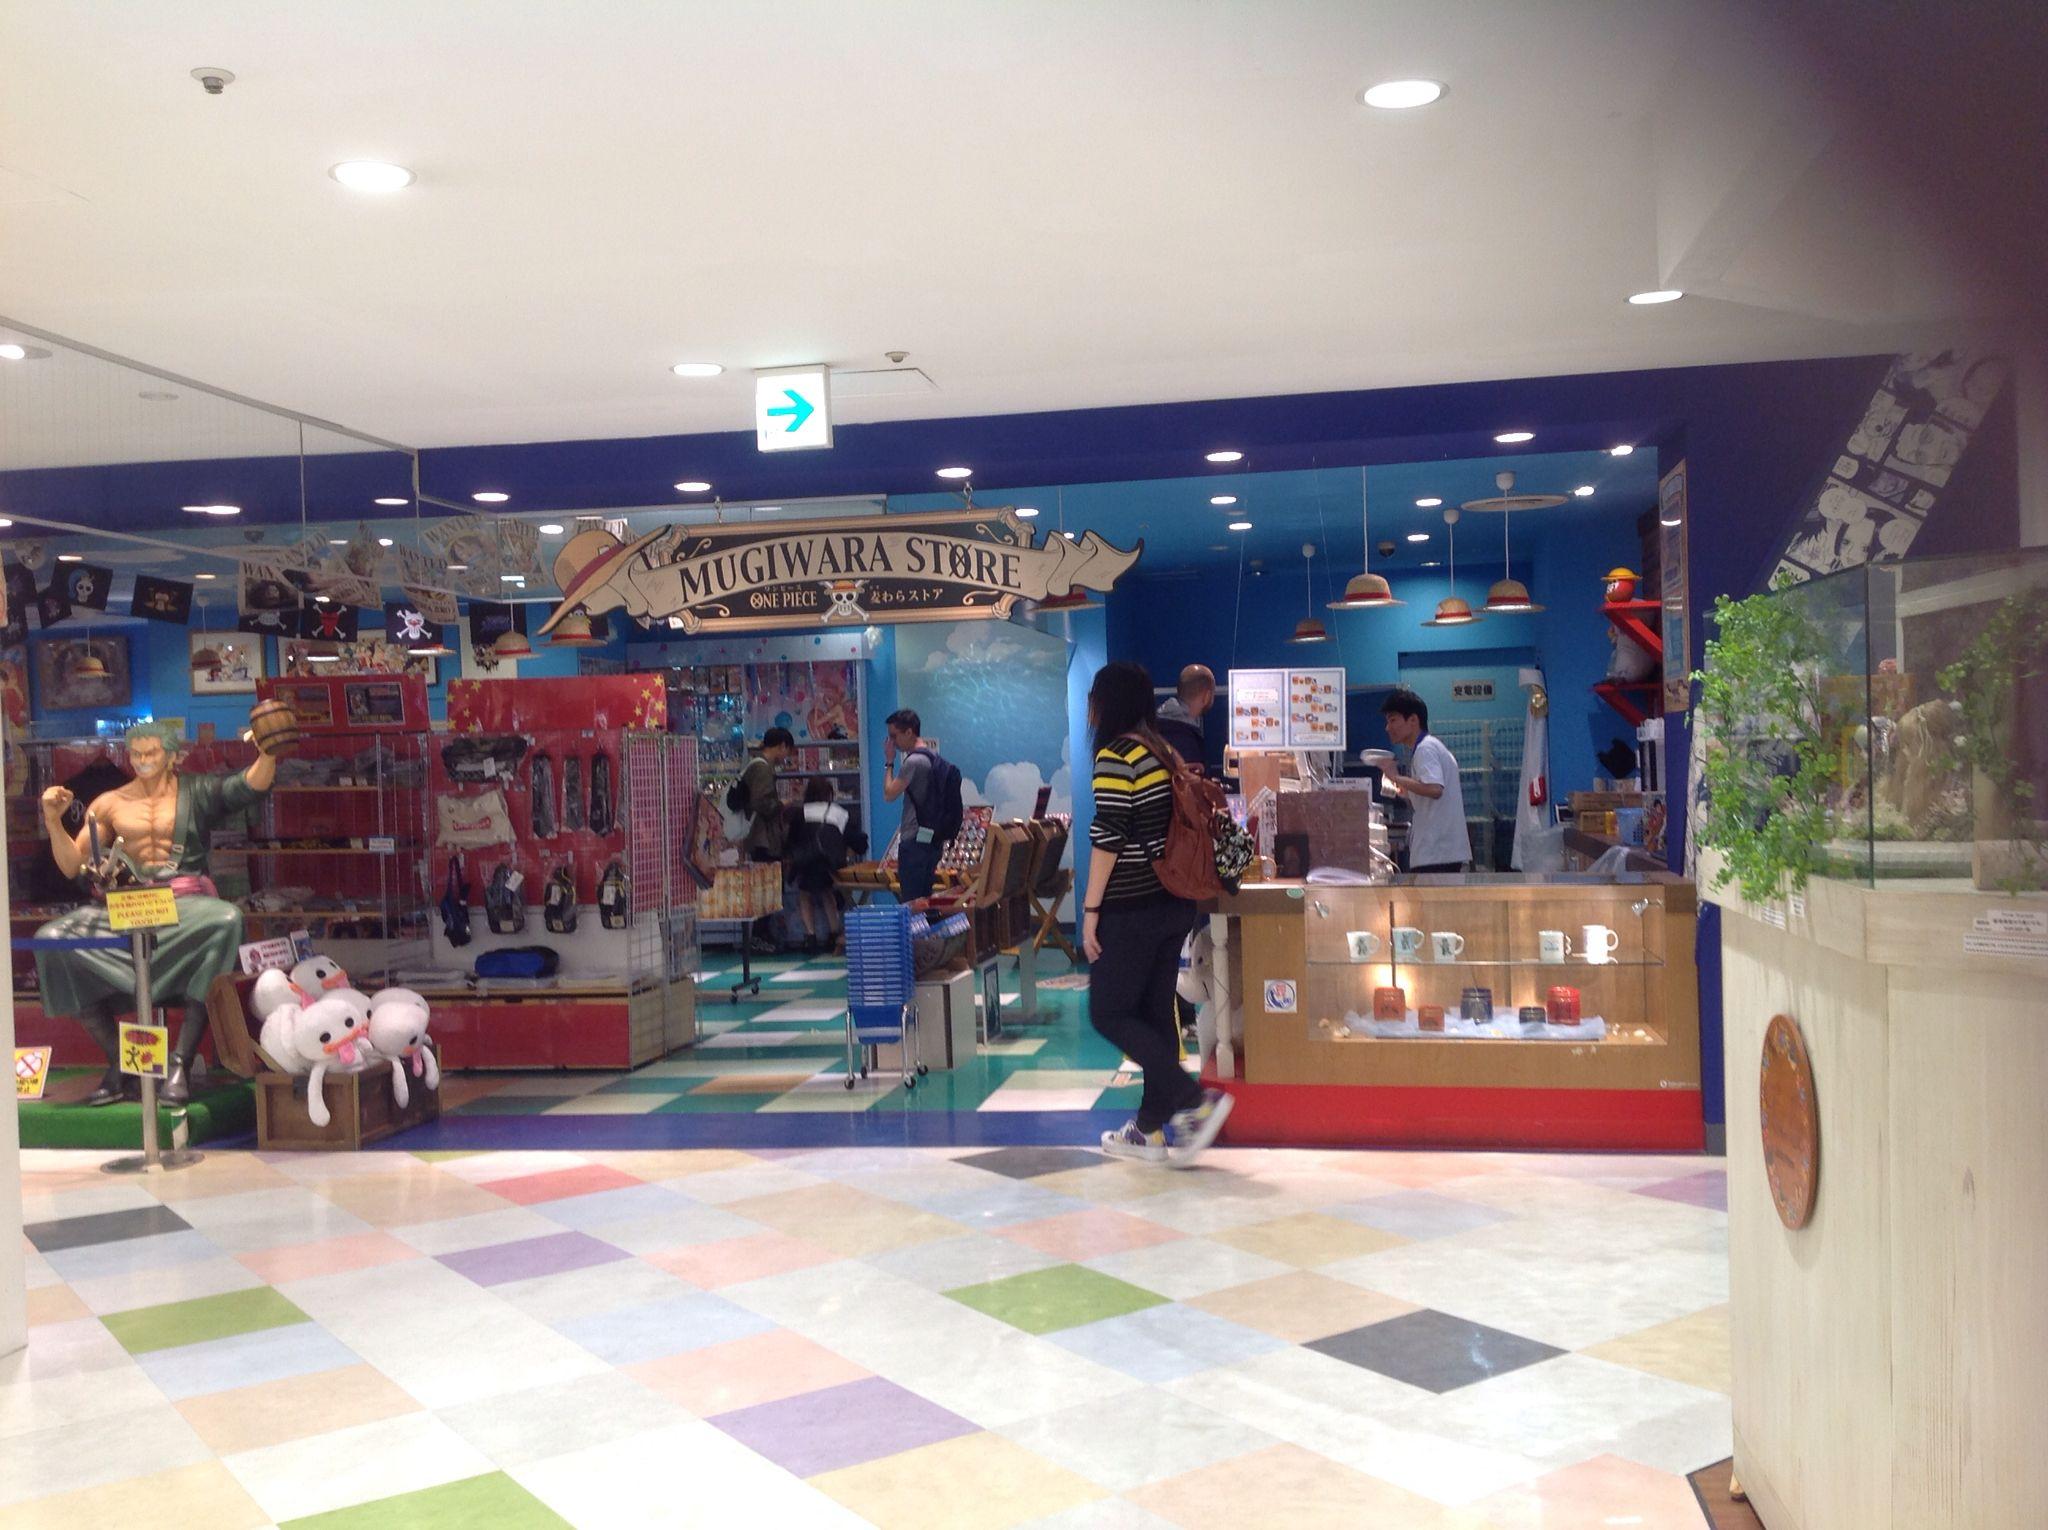 One Piece Mugiwara Store, Shibuya Parco, building 1, Tokyo